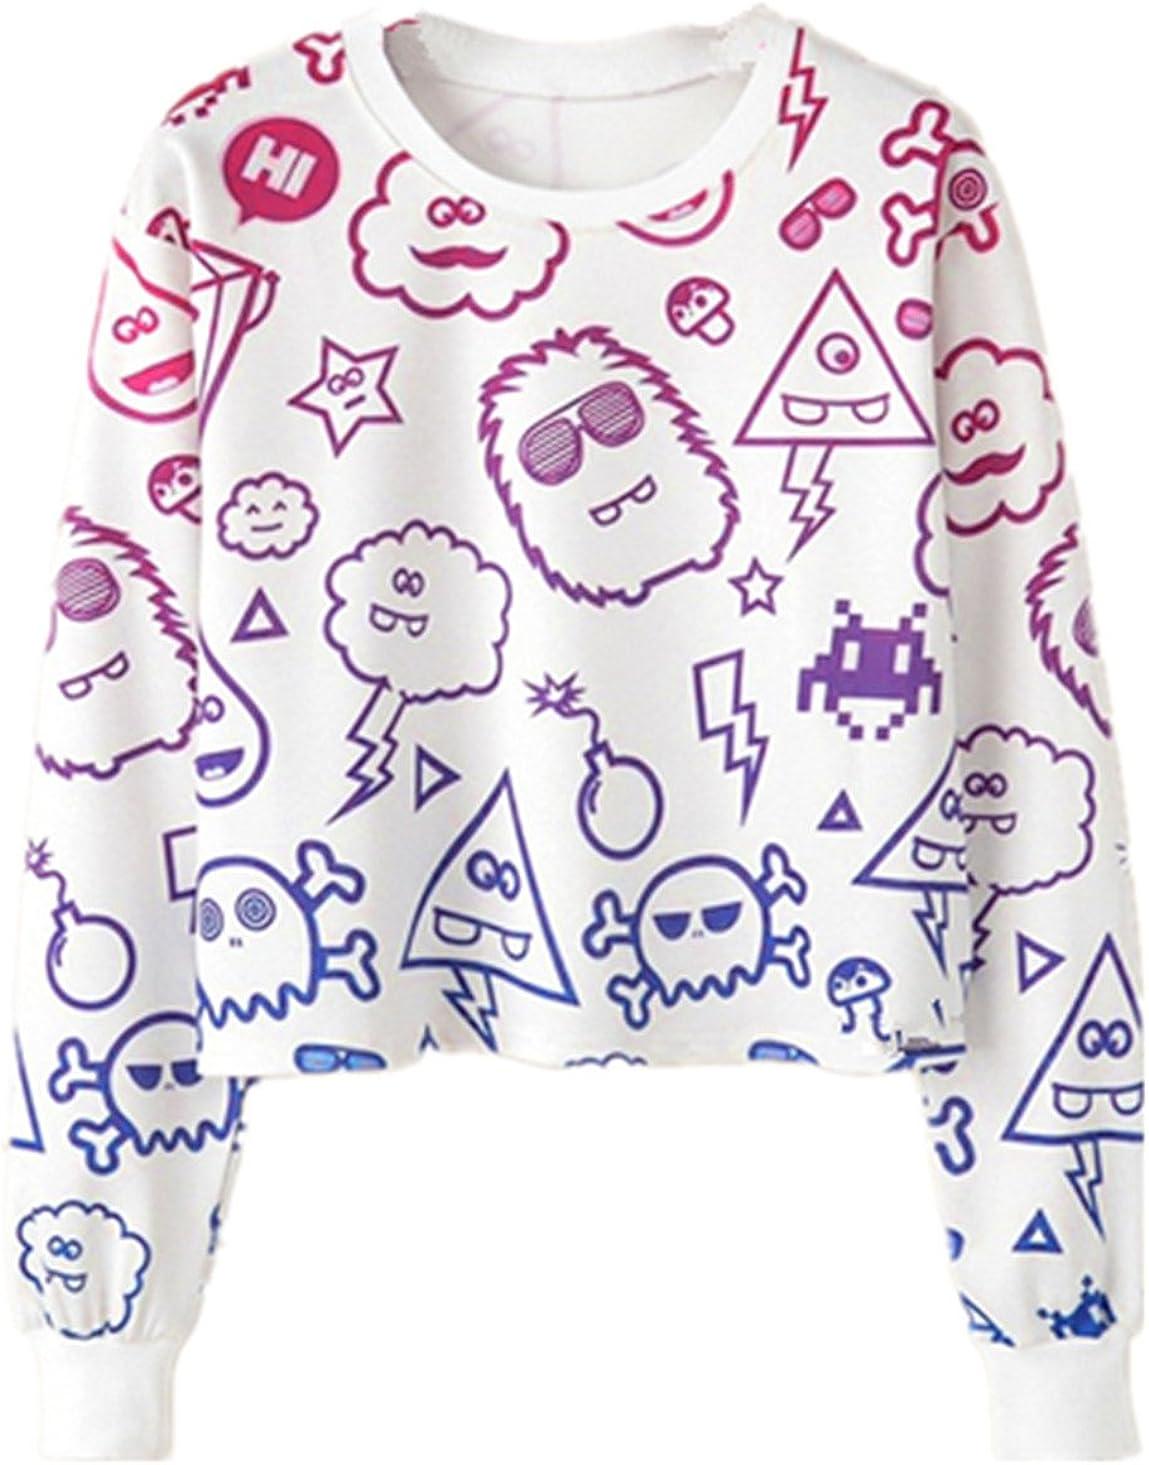 YICHUN Women Girl Short Top T-Shirt Thin Sweater Sweatshirts Tunic Blouse Casual